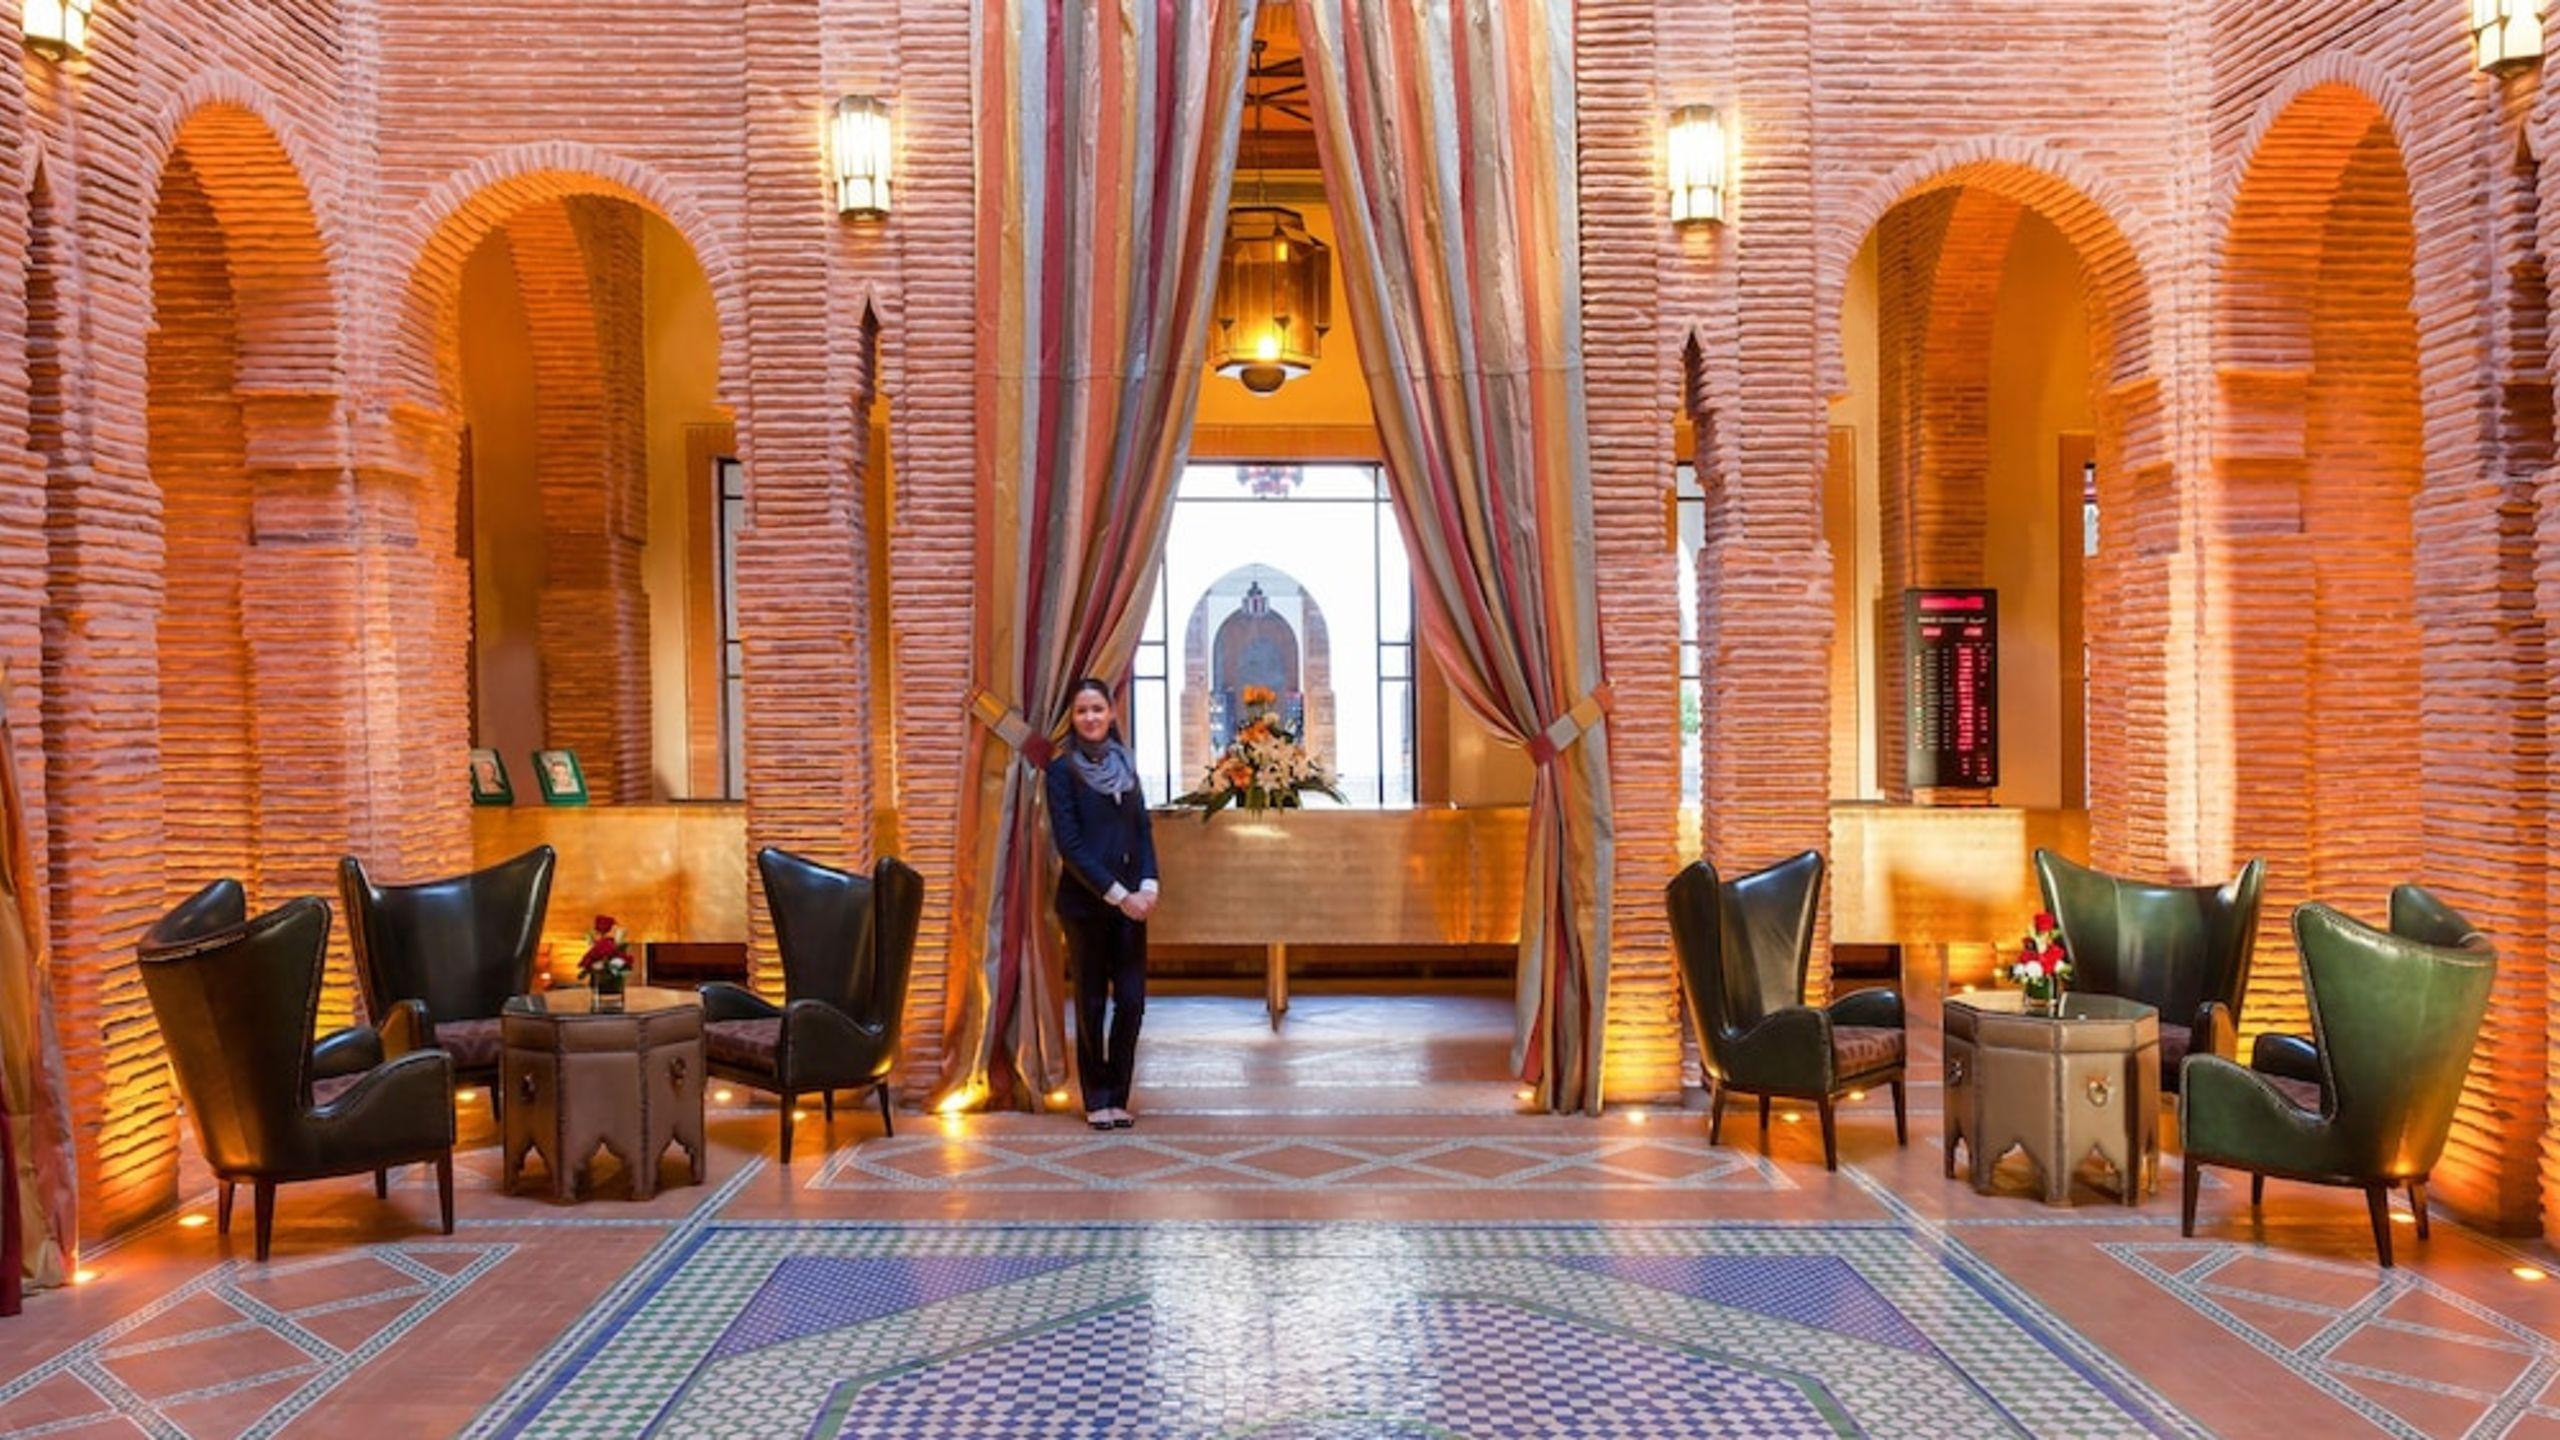 Les Jardins De Lagdal Hotel & Spa   Etstur intérieur Les Jardins De L Agdal Hotel & Spa